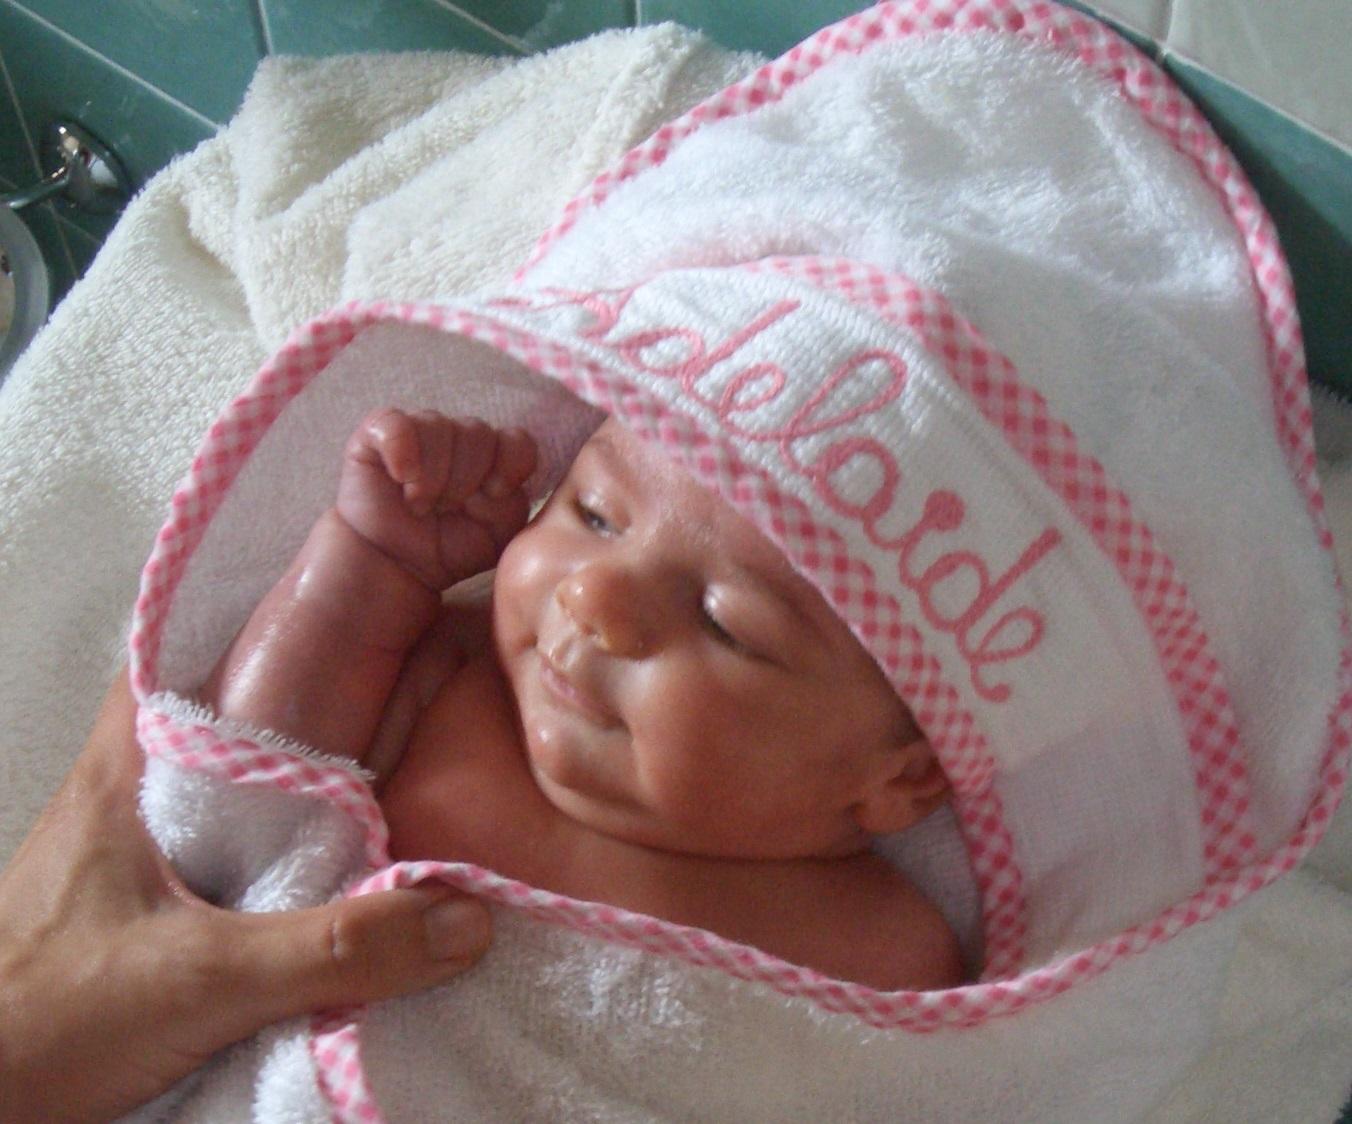 Vasca Da Bagno Neonati : Il bagnetto del neonato nella doccia: ecco come fare pourfemme